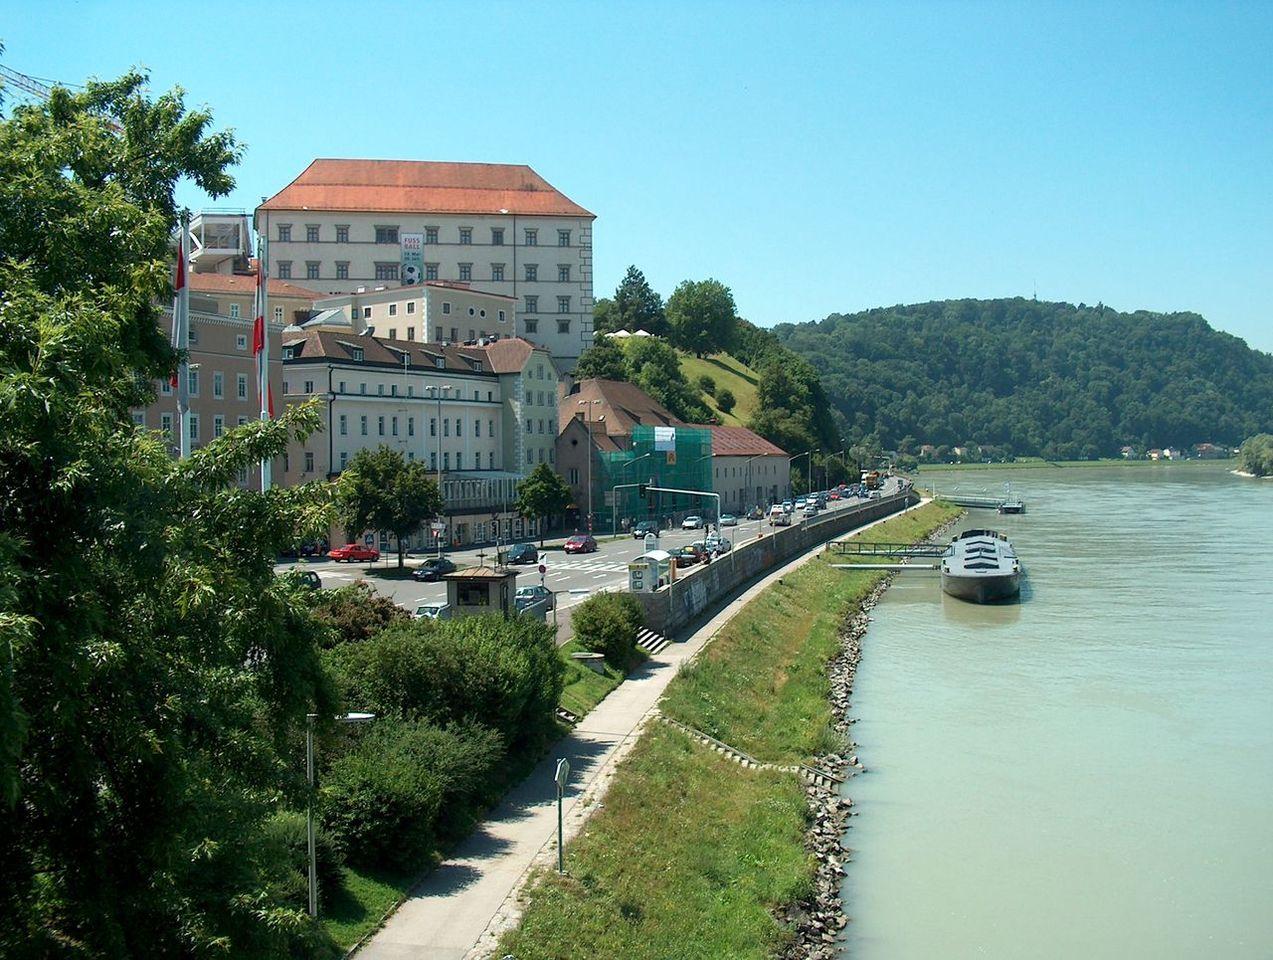 Земельный музей Верхней Австрии (Замок Линца), Линц